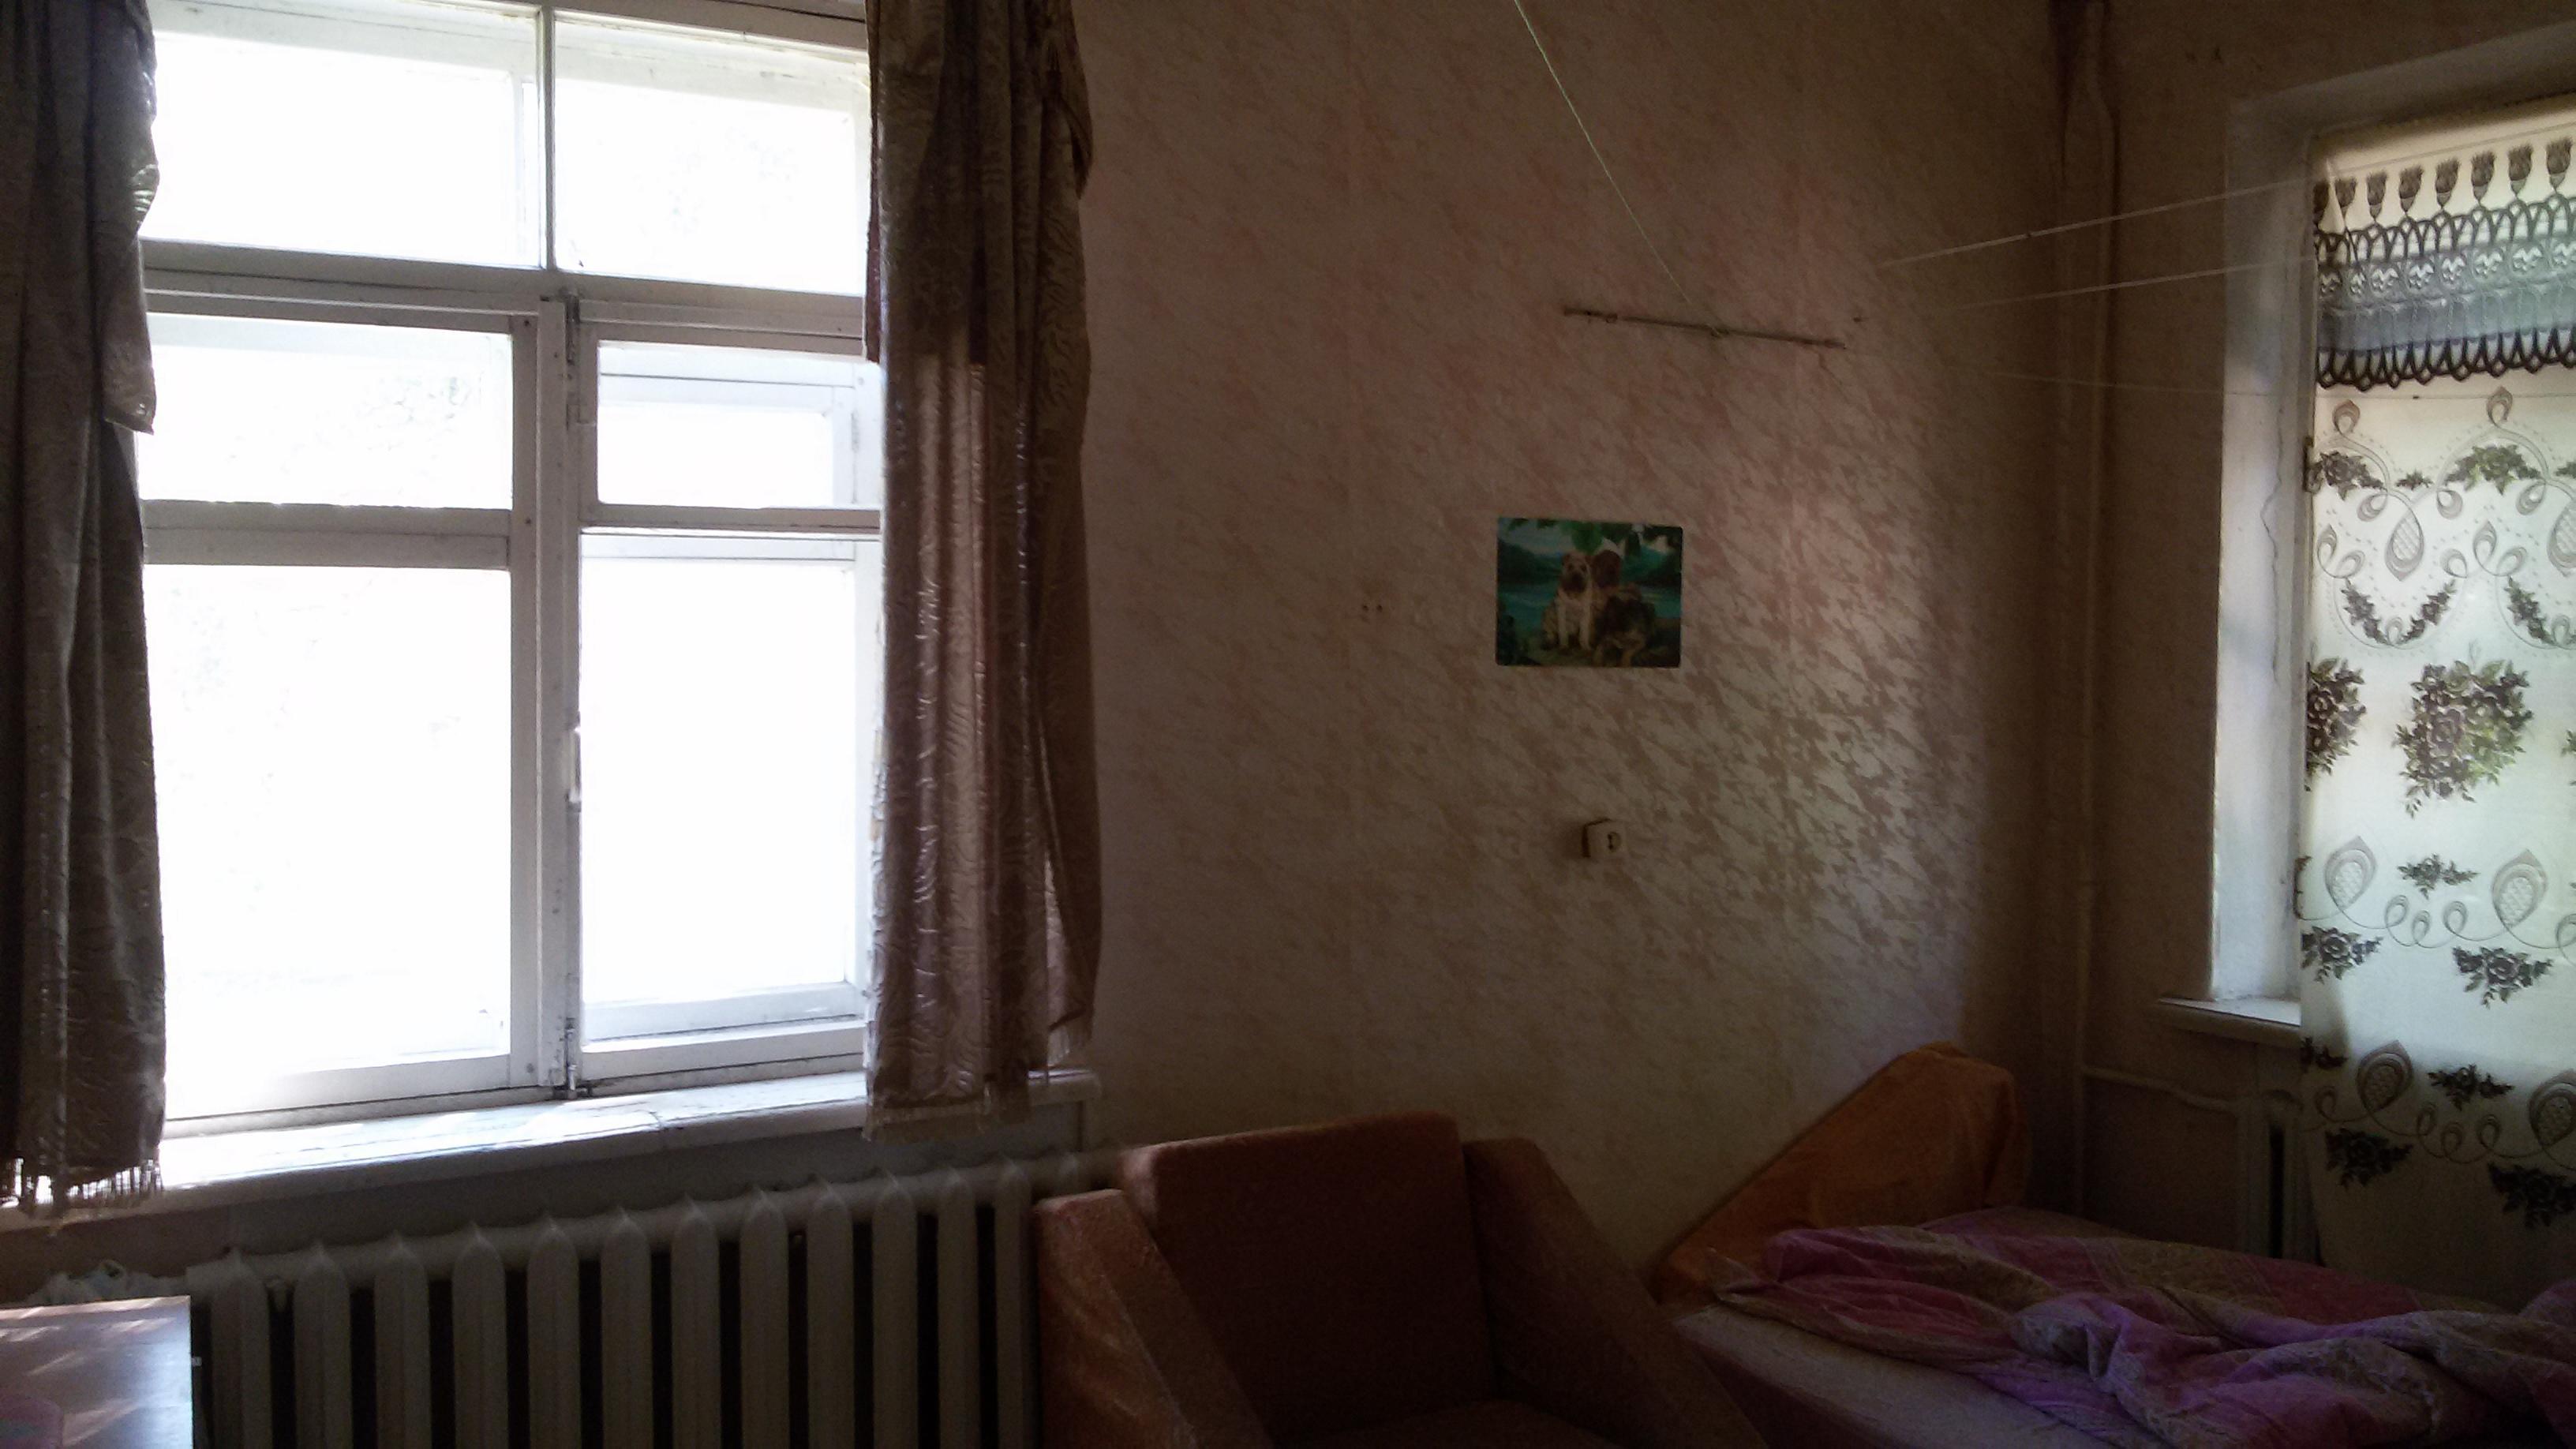 Комната 16,9 кв.м - ул. Военный городок-3, д. 31